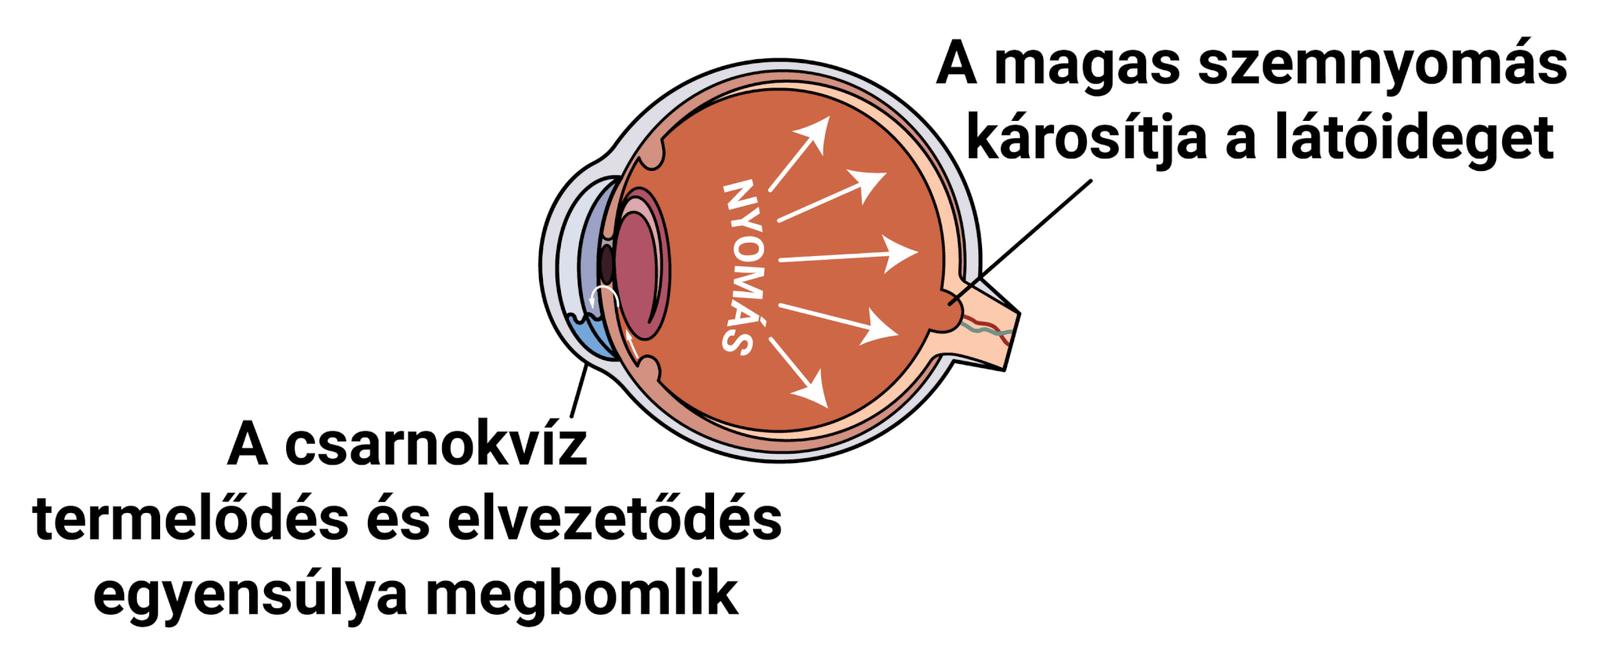 negatív látásélesség amelyből homályos látás